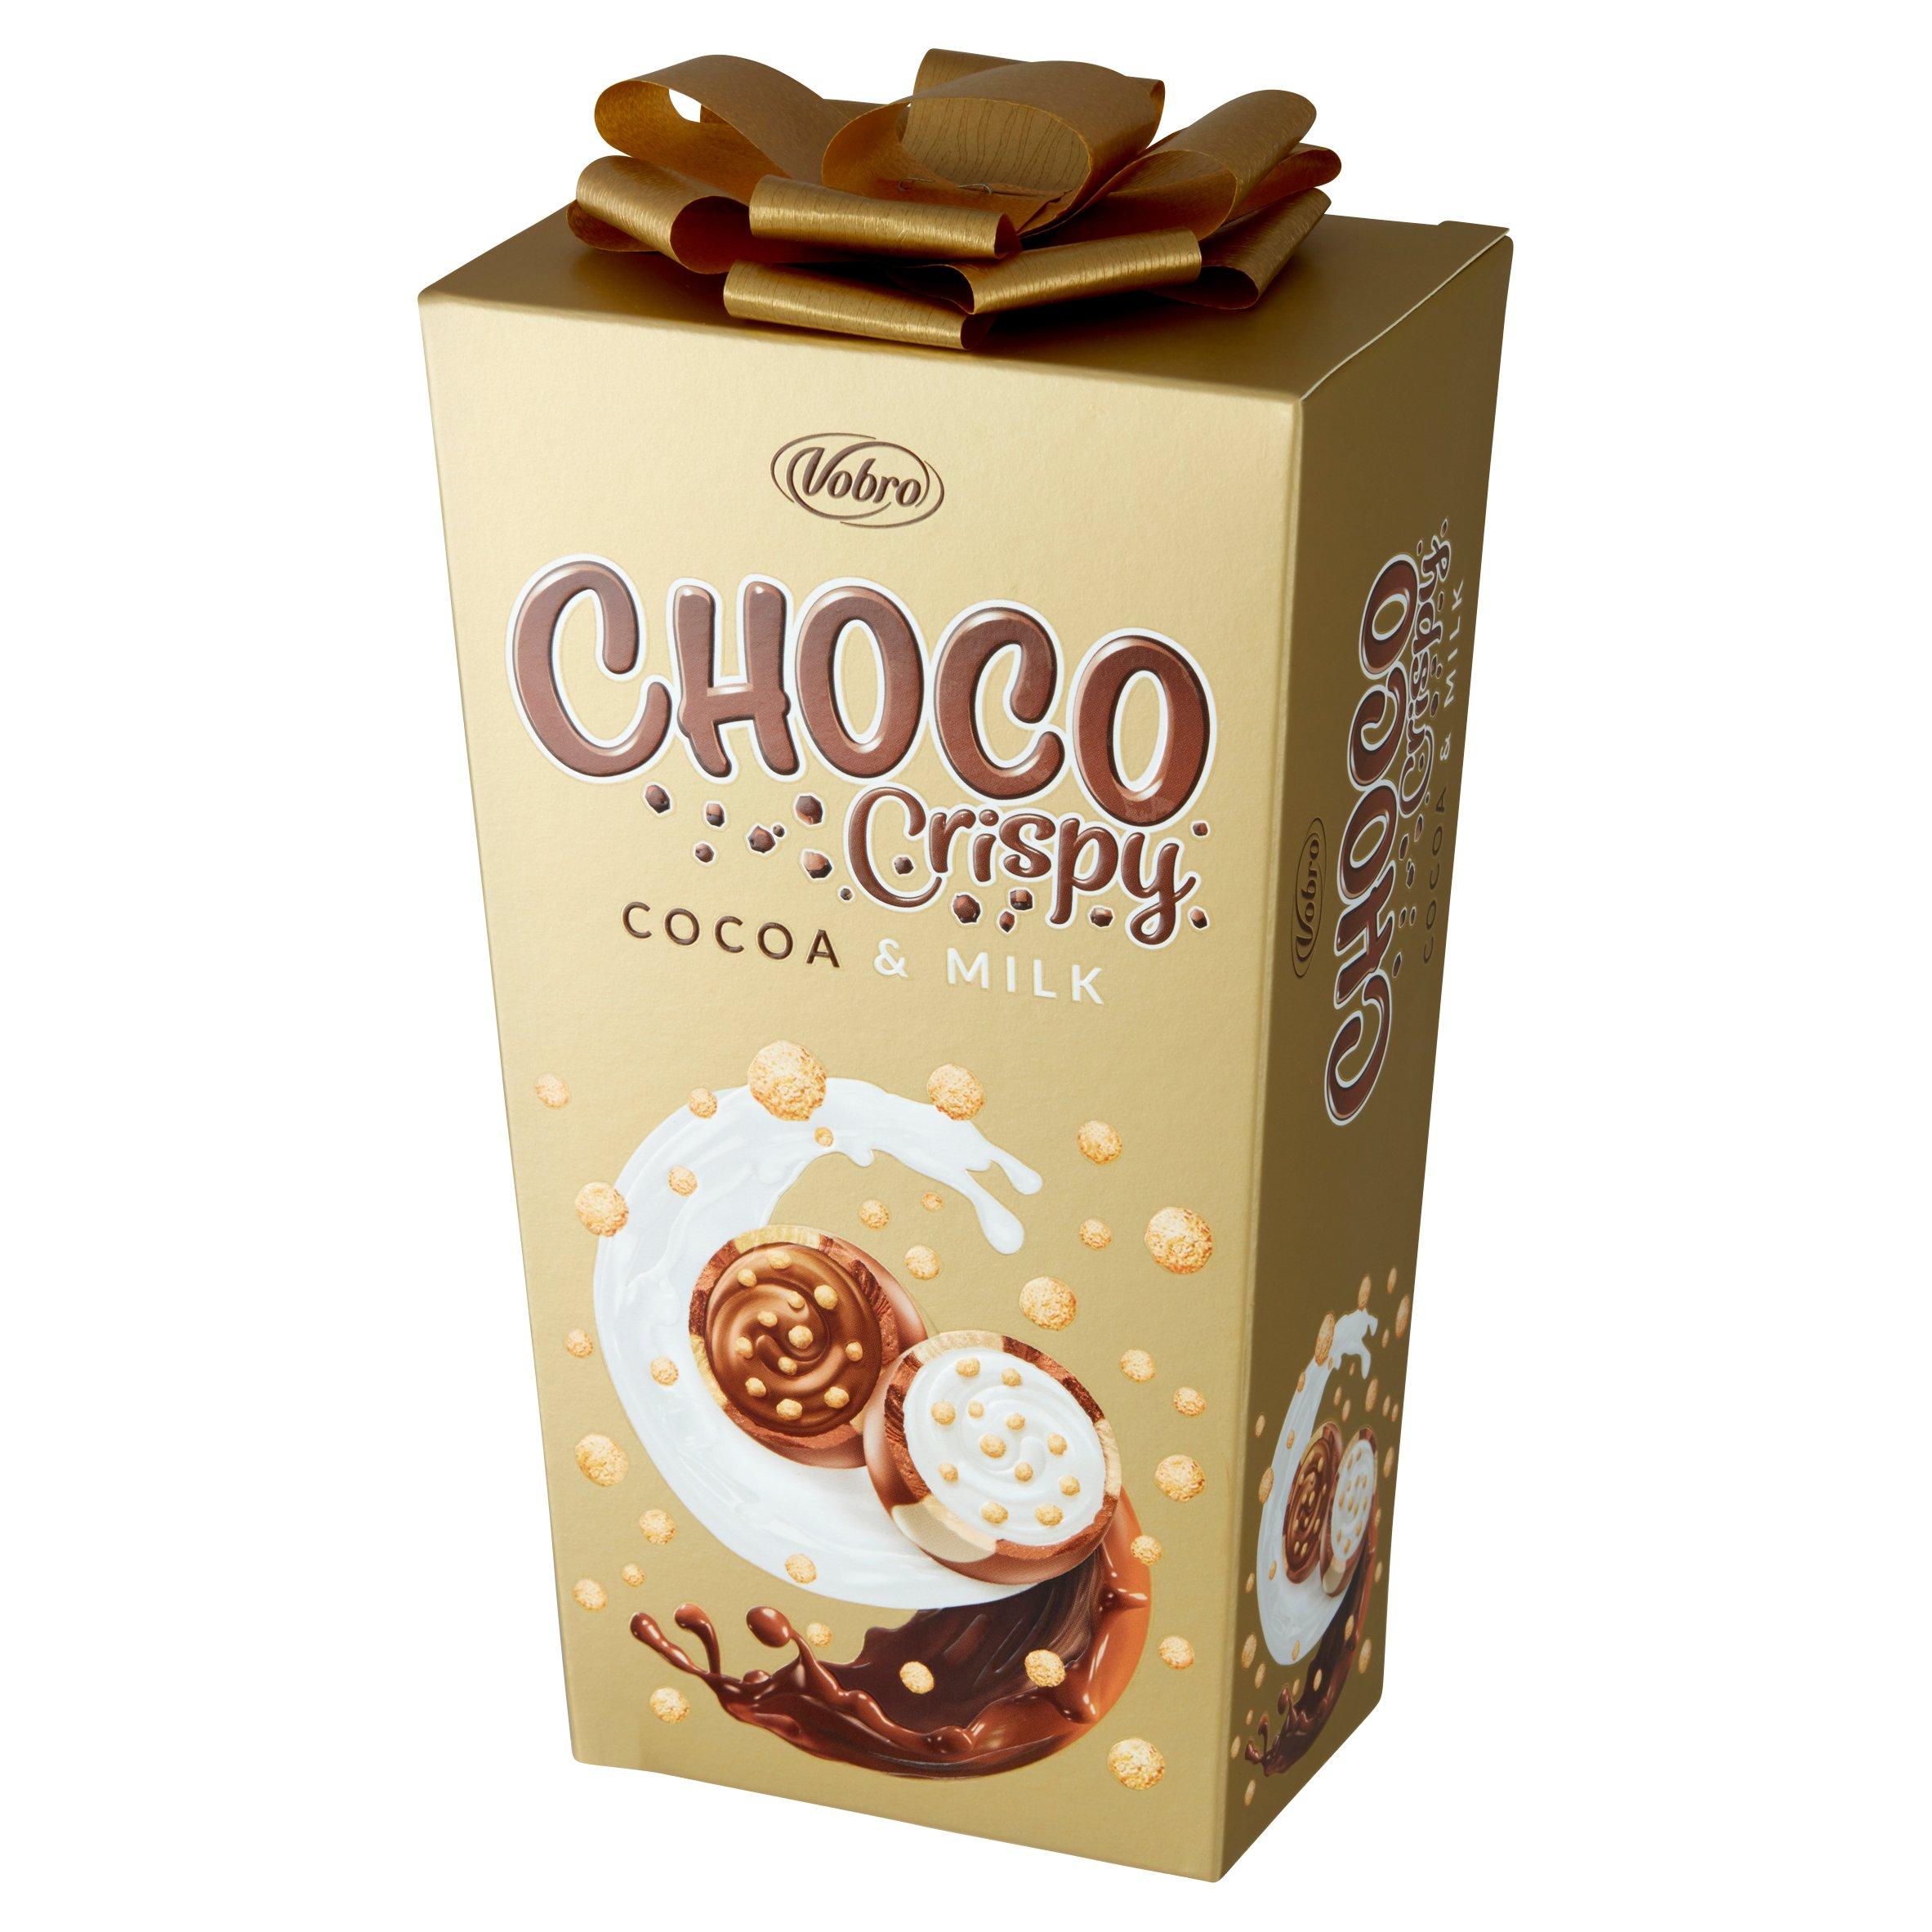 VOBRO Choco Crispy Cocoa & Milk 180G